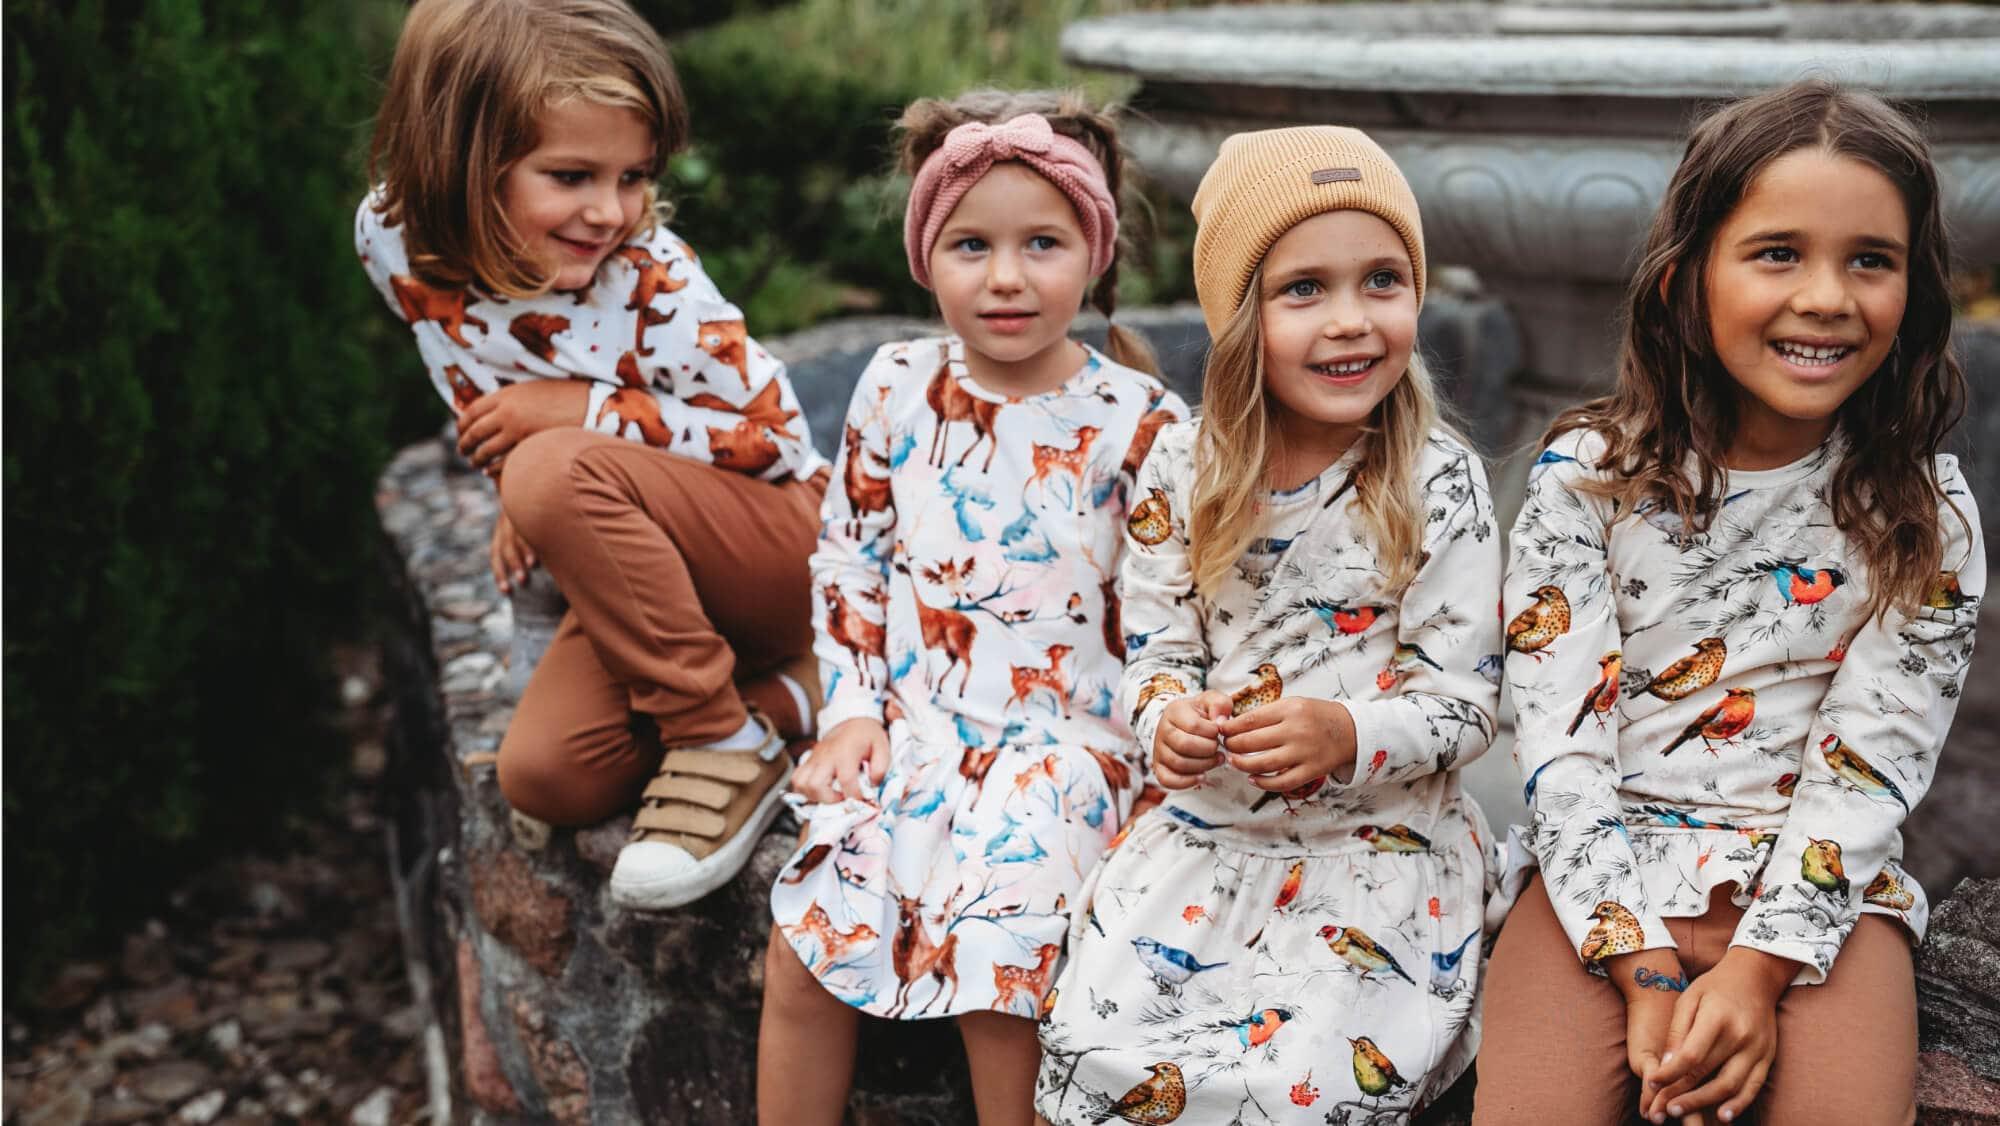 Jakie zabawy na urodziny dziecka zorganizować?